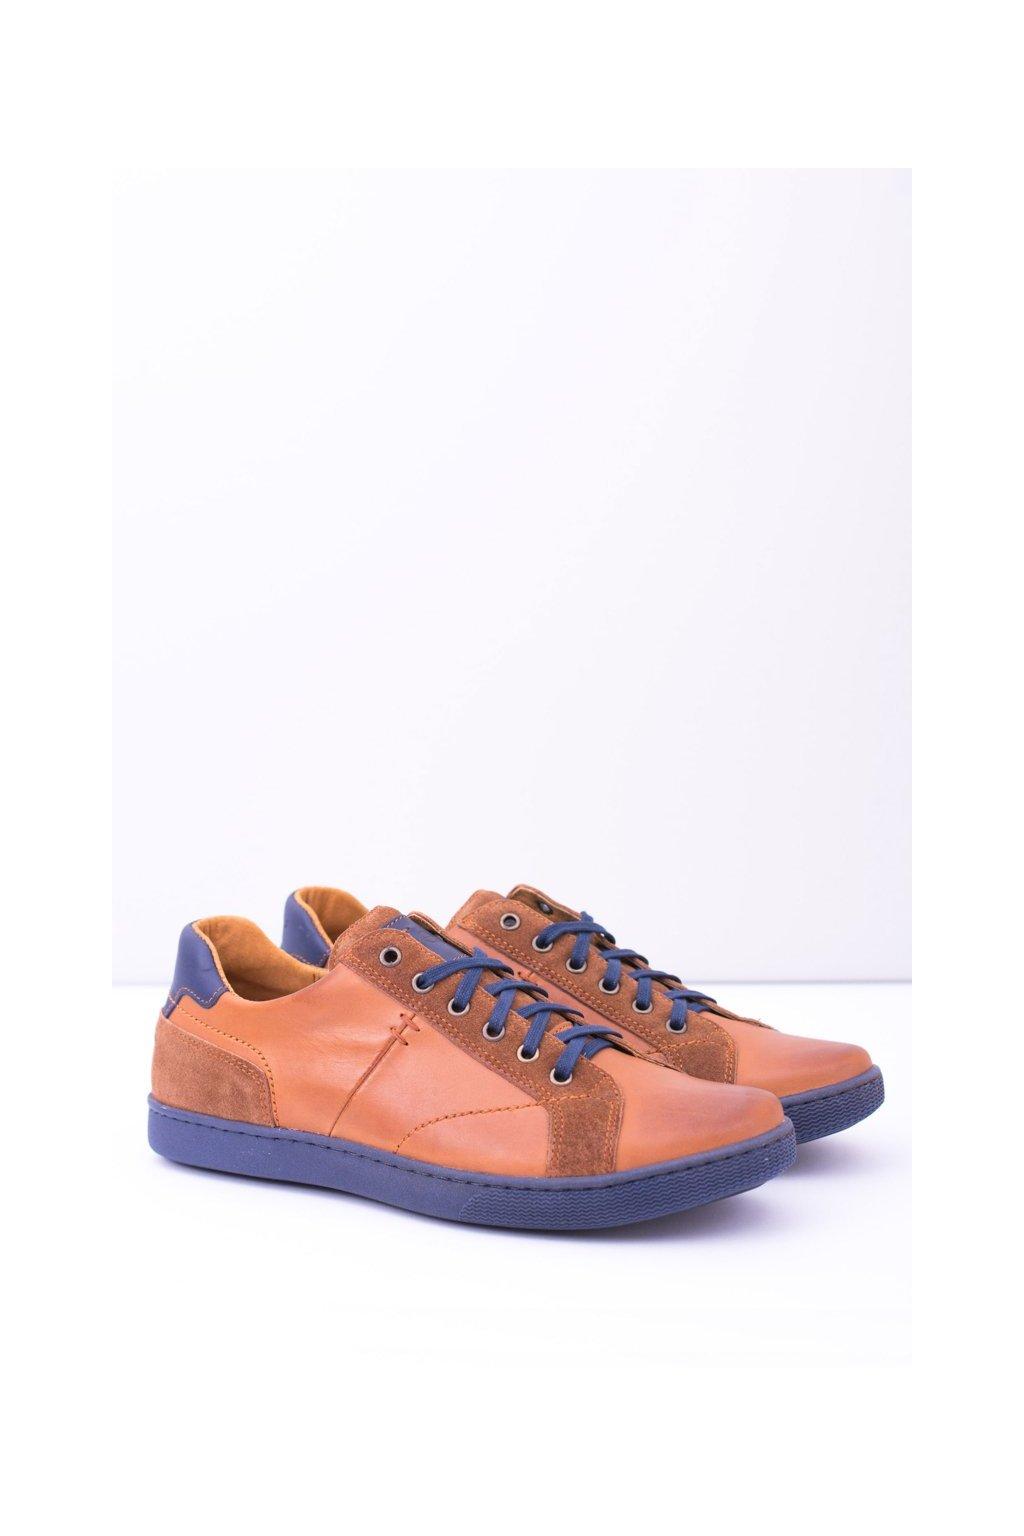 Hnedé kožené pánske topánky Ender